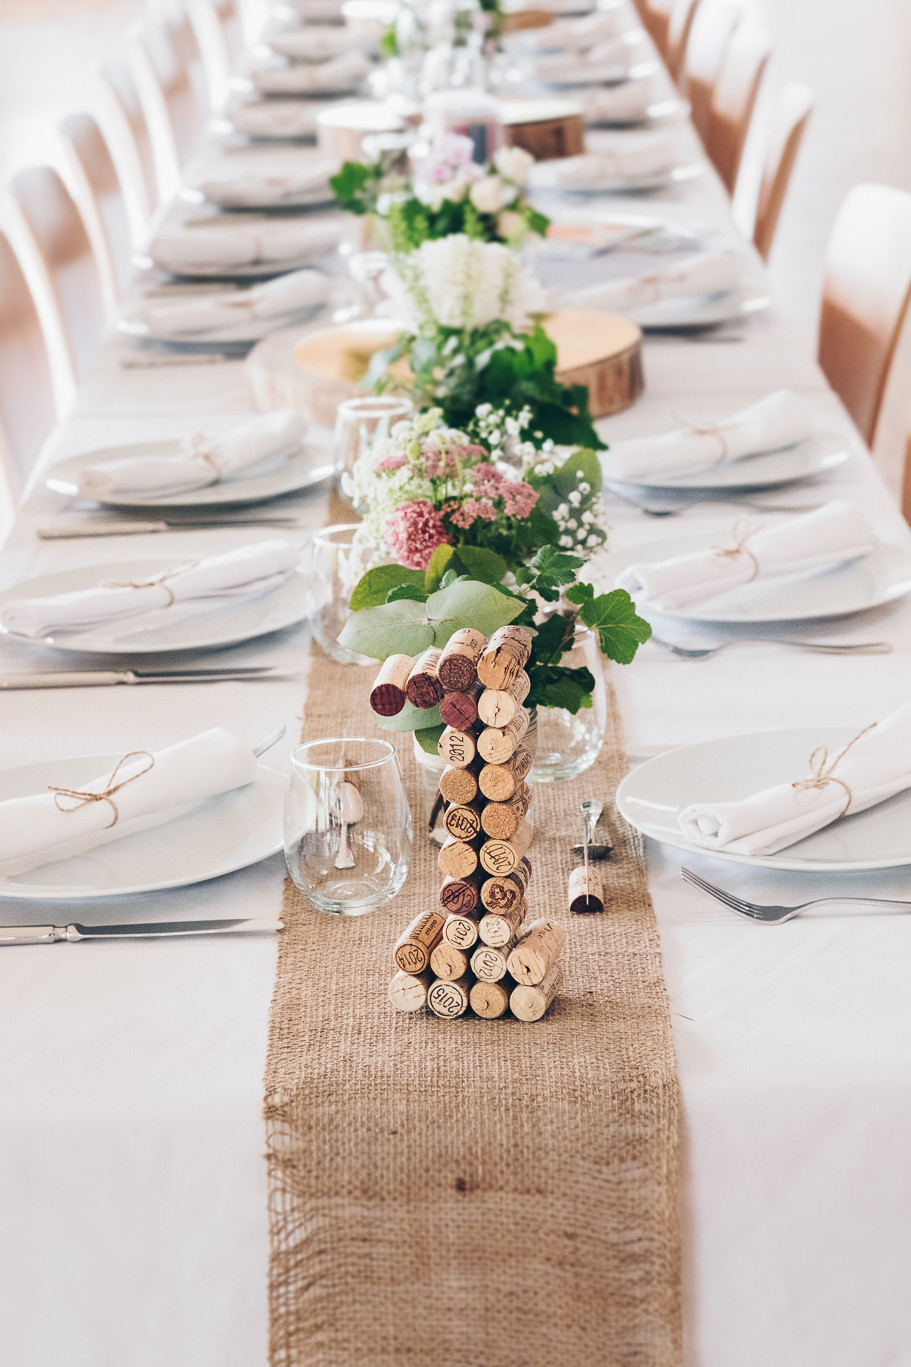 Décoration table champêtre alsace